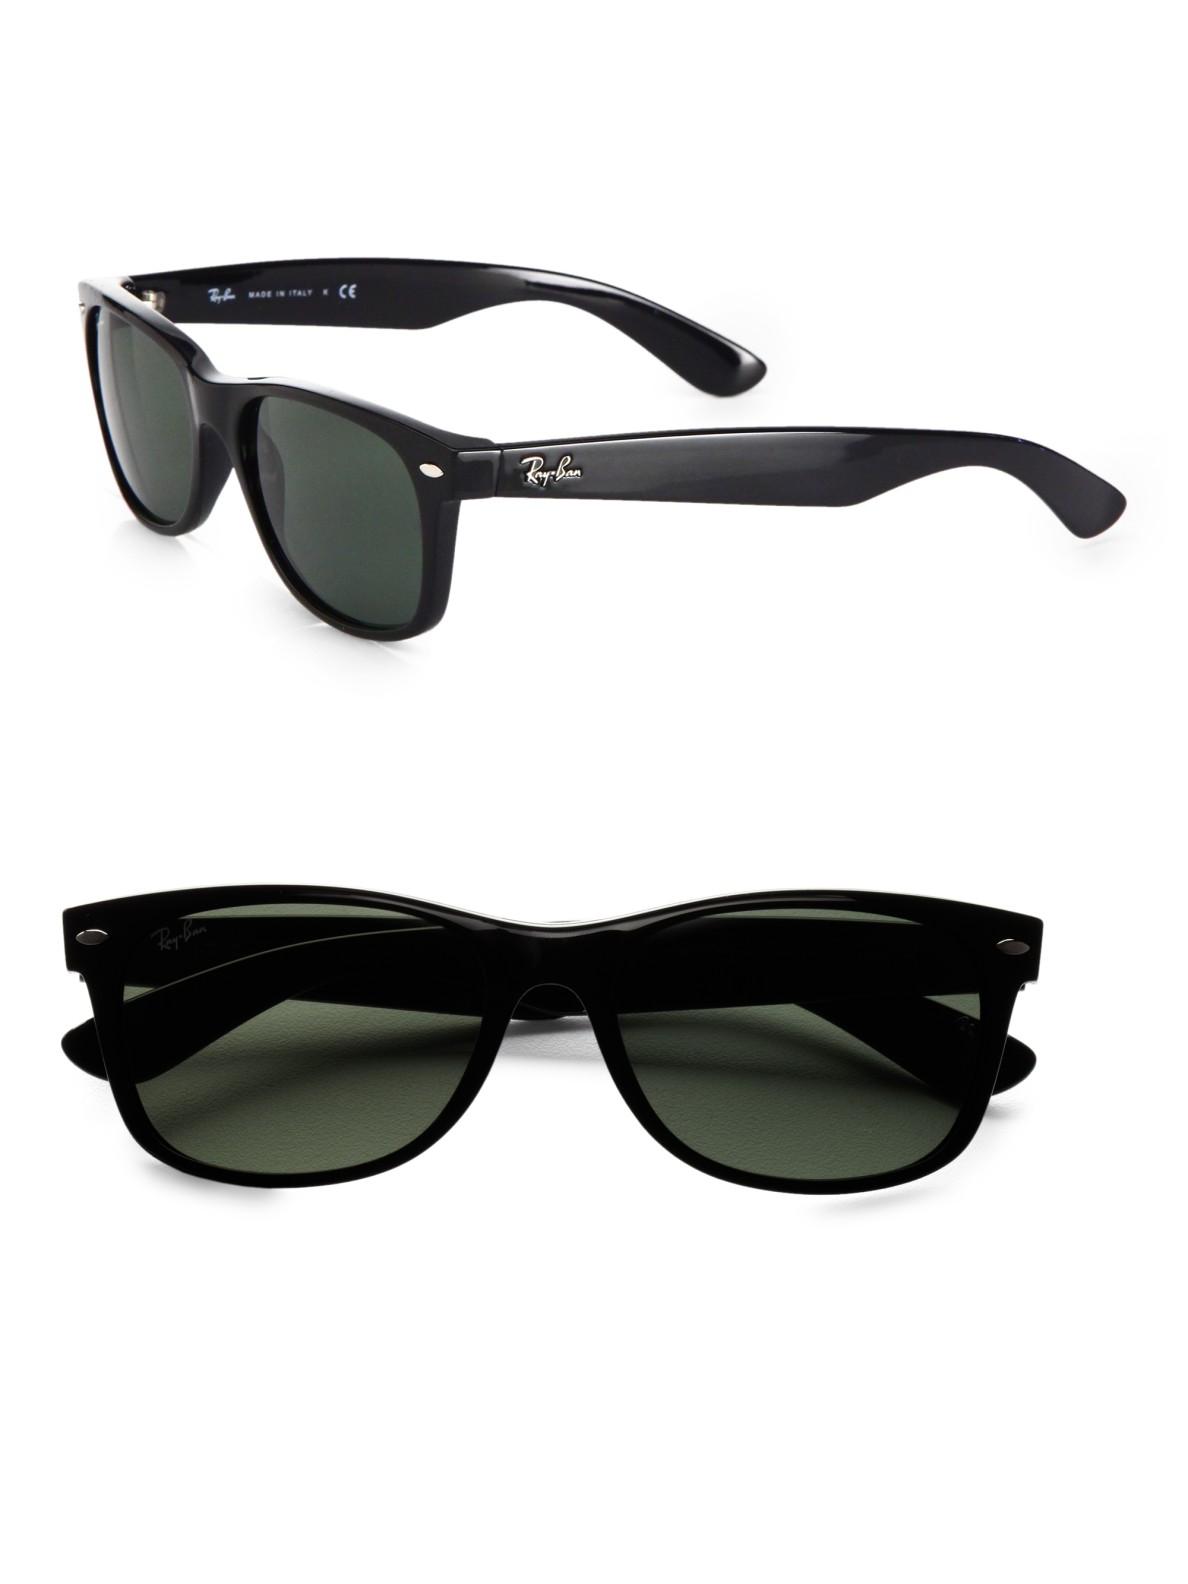 Ray Ban New Wayfarer Sunglasses In Black For Men Lyst